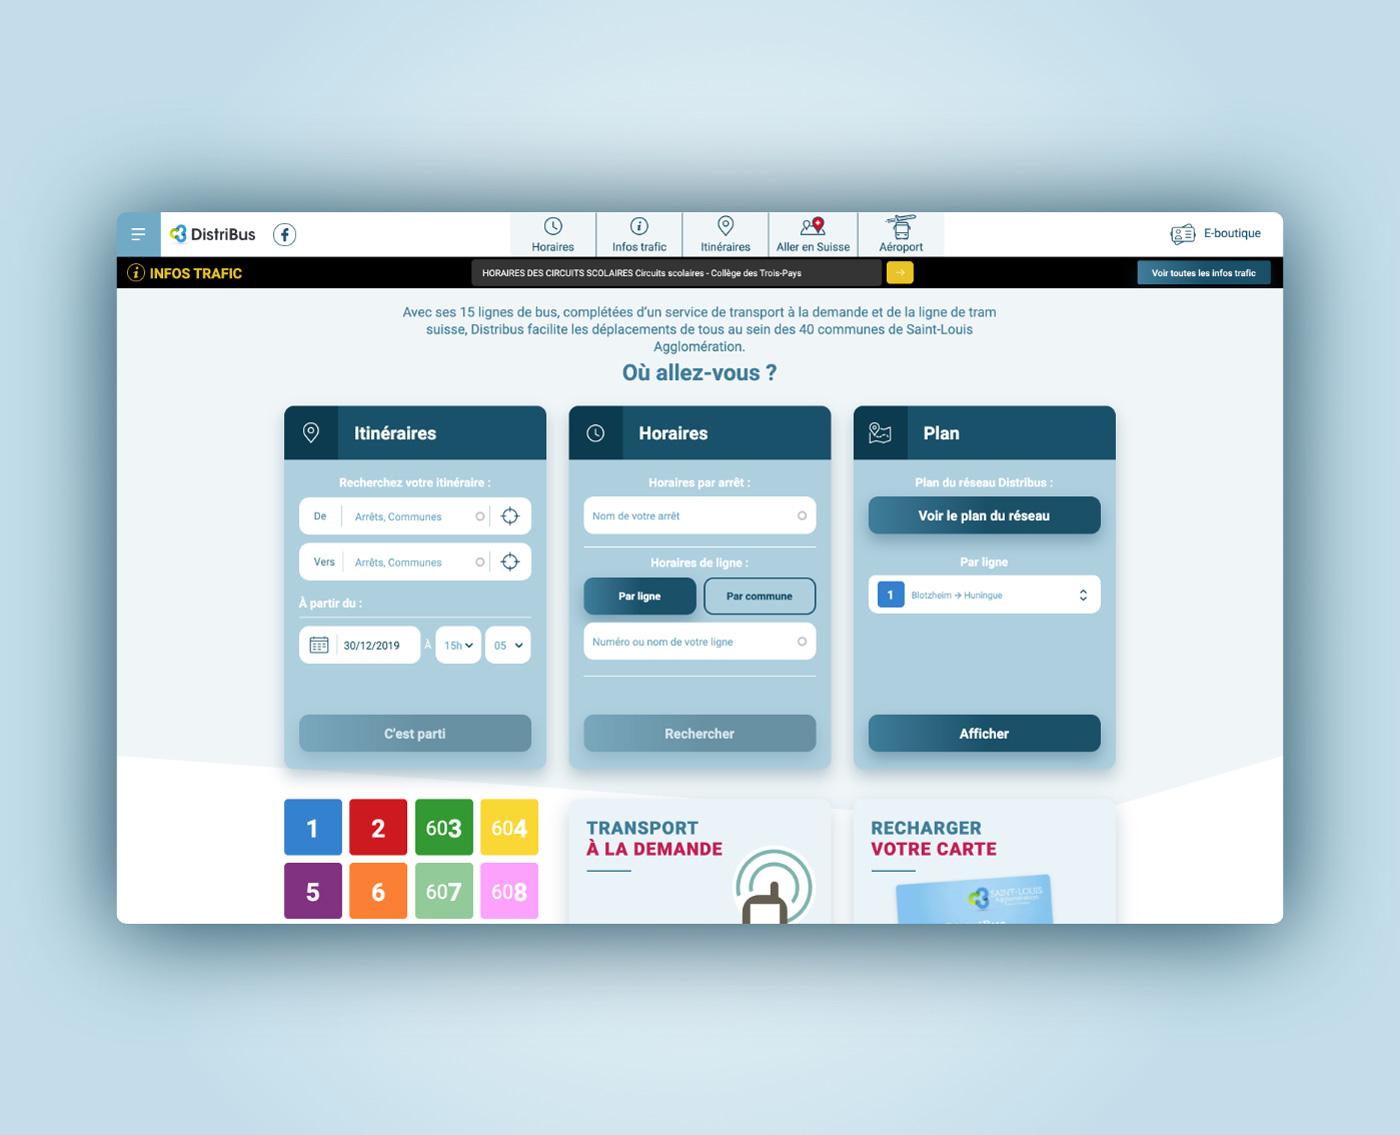 refonte site internet drupal 8 distribus 1